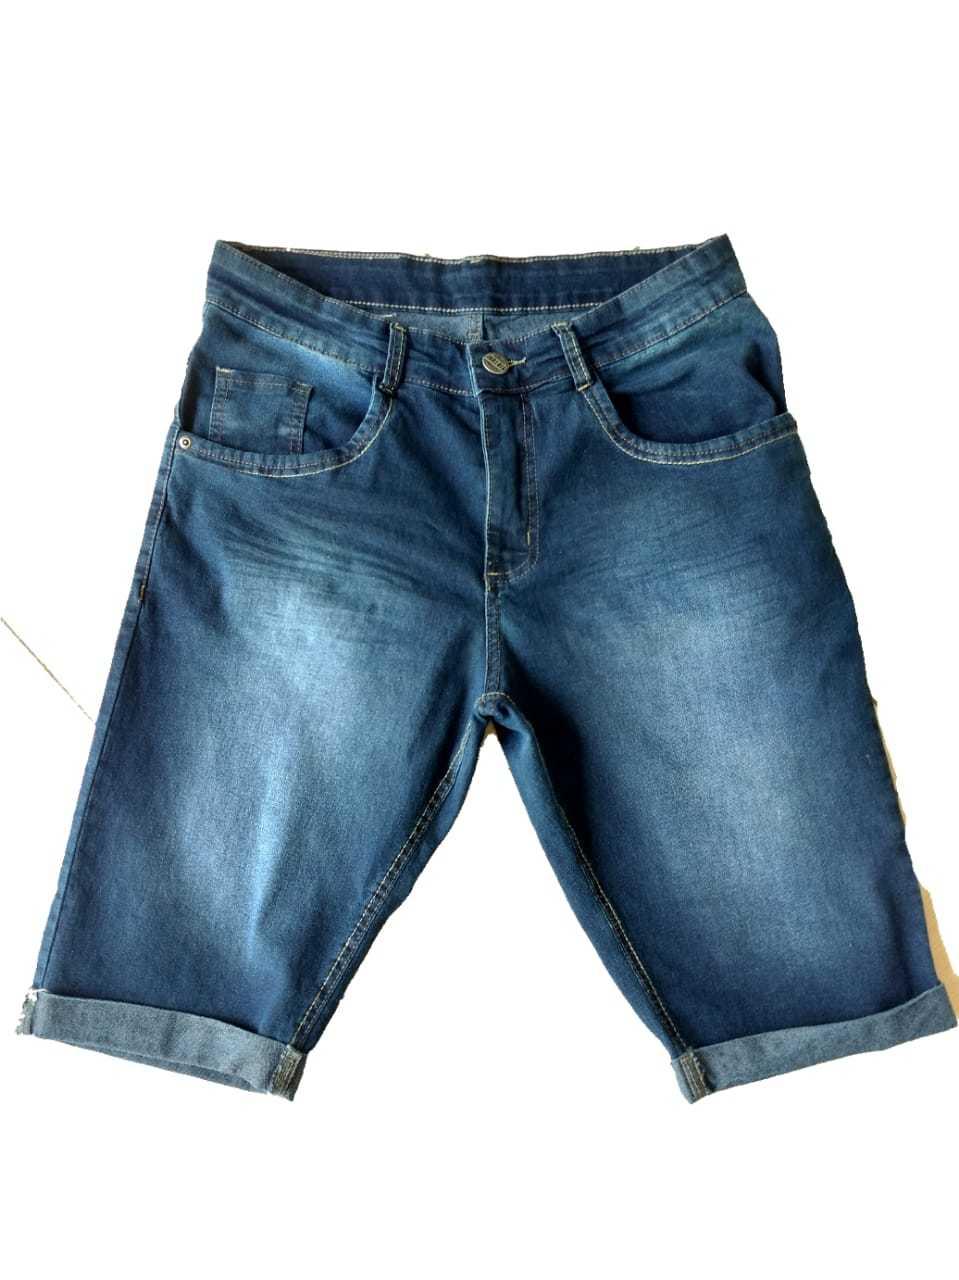 Bermuda Jeans Masculina [124]